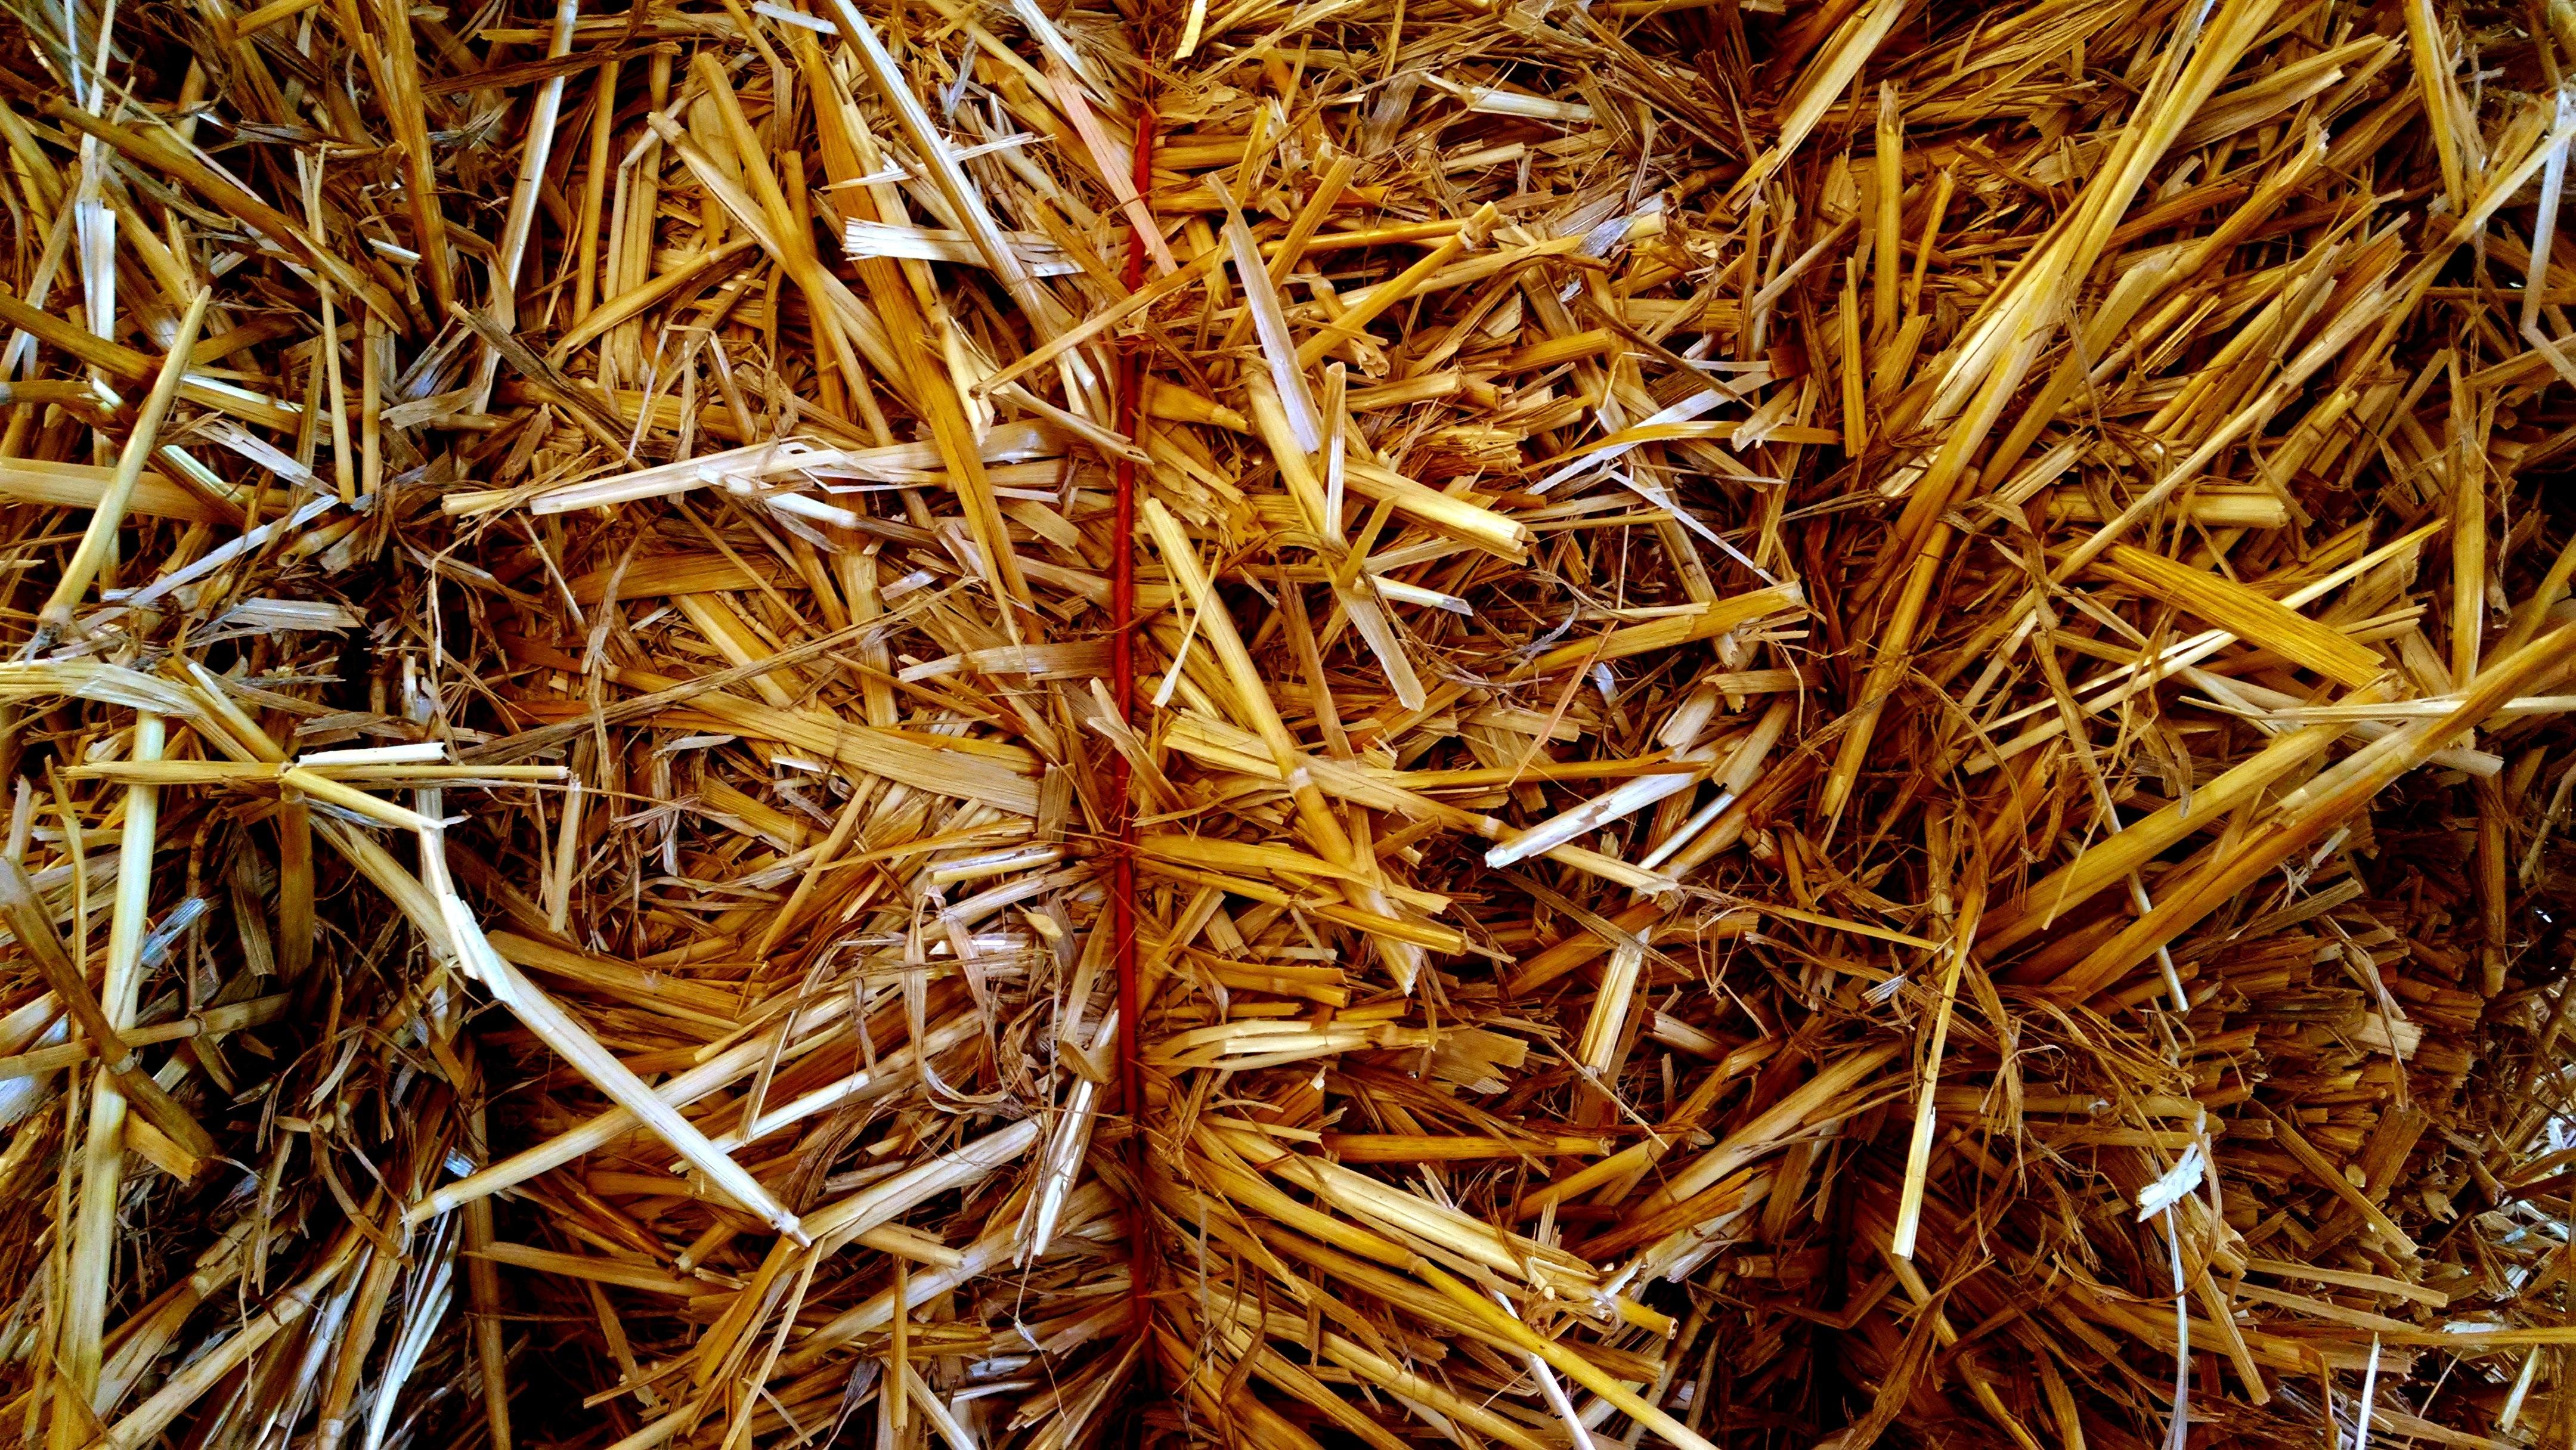 Солома как удобрение для огорода: технология внесения в почву свежего, сгнившего материала и настойки, использование пожнивных остатков различных видов растений